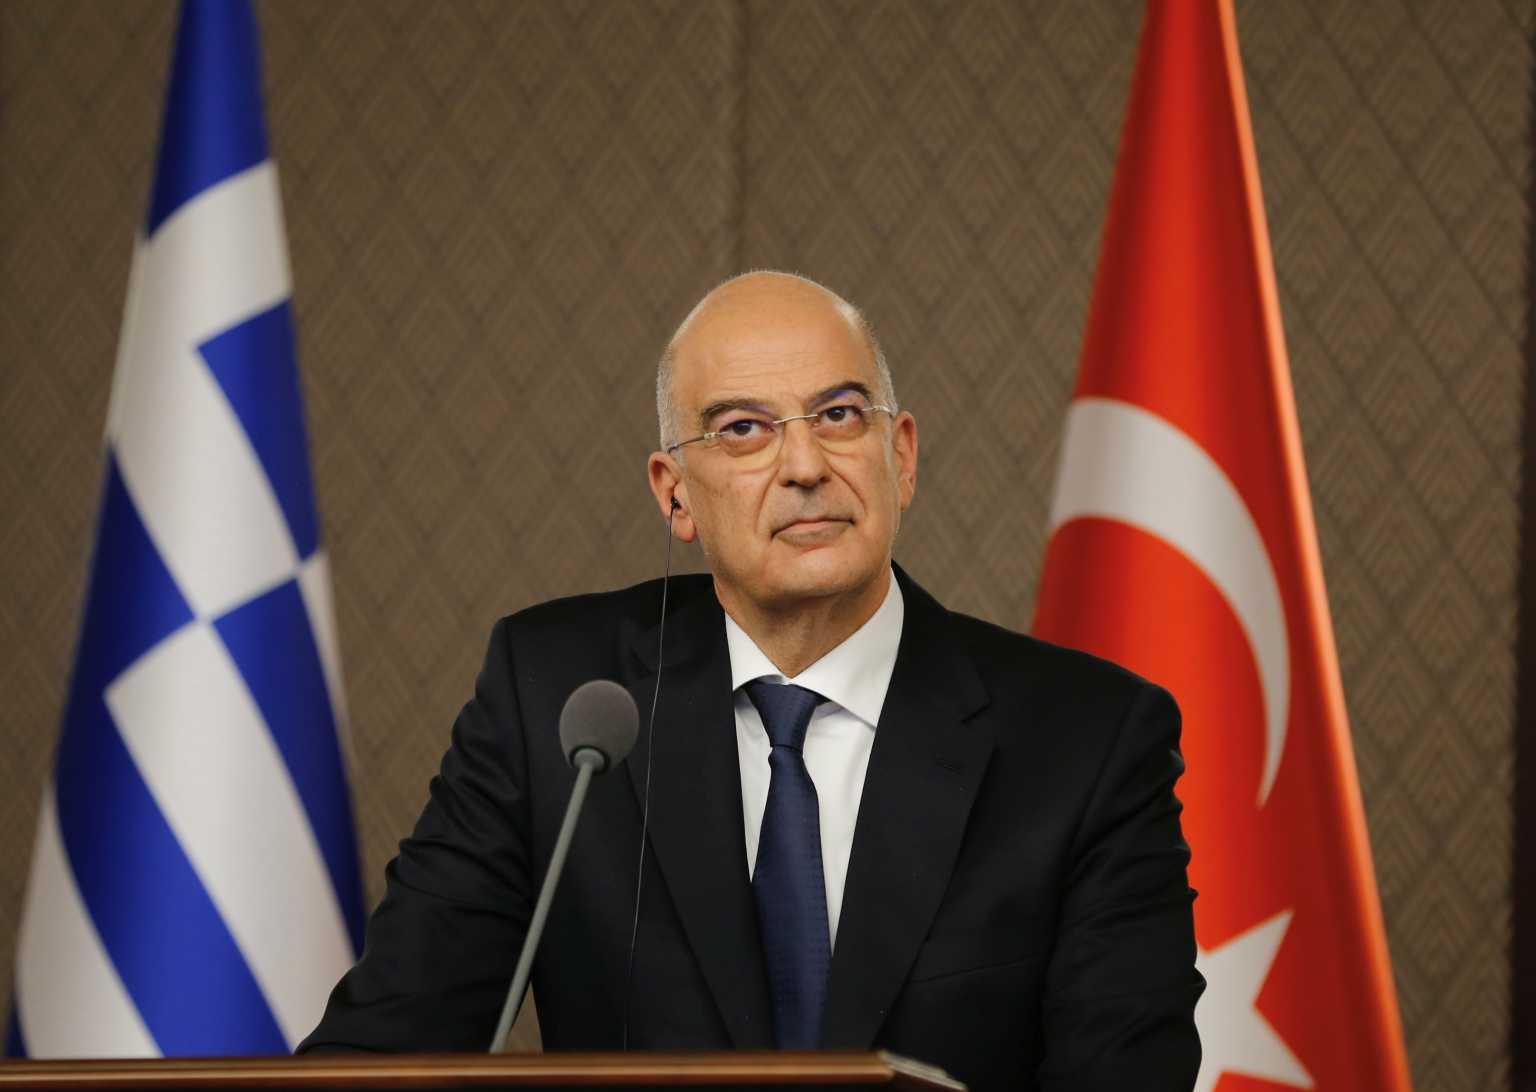 Νίκος Δένδιας: Ηχηρή απάντηση στην Τουρκία για ανατολική Μεσόγειο και έκθεση Κομισιόν